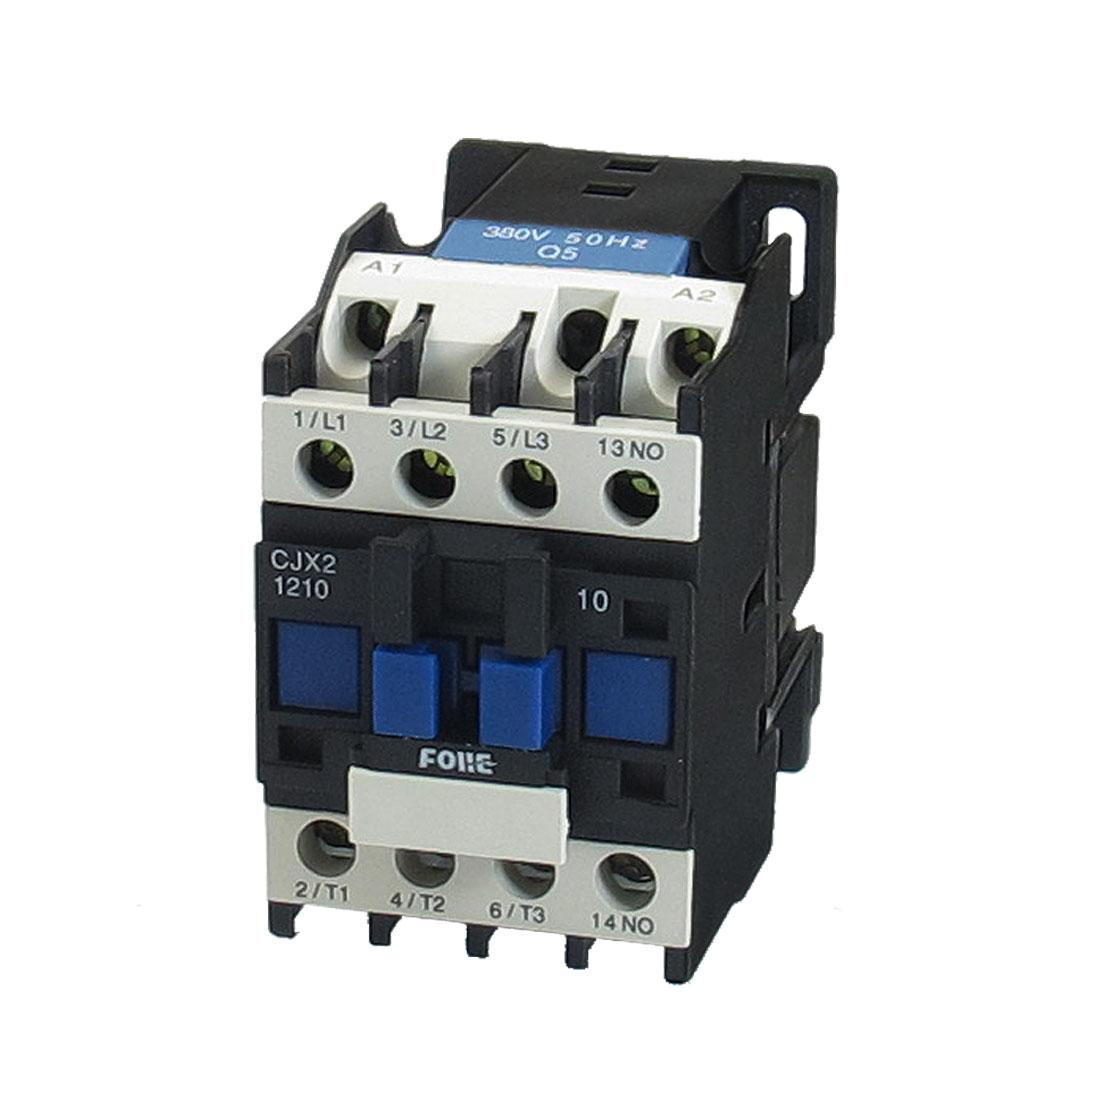 380V Coil Motor Controler AC Contactor 3P 3 Pole NO 660V 7.5KW CJX2-1210